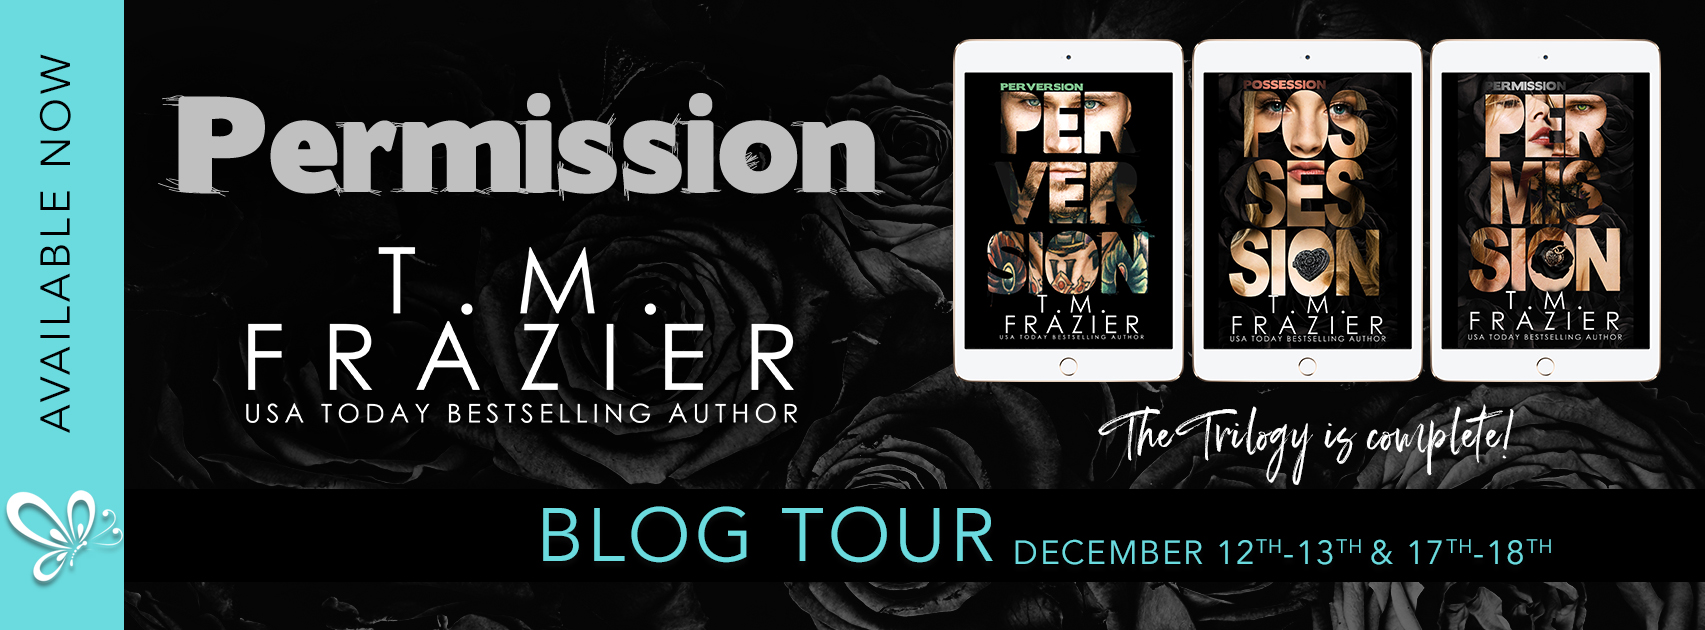 Blog Tour+Review: Permission by T.M. Frazier